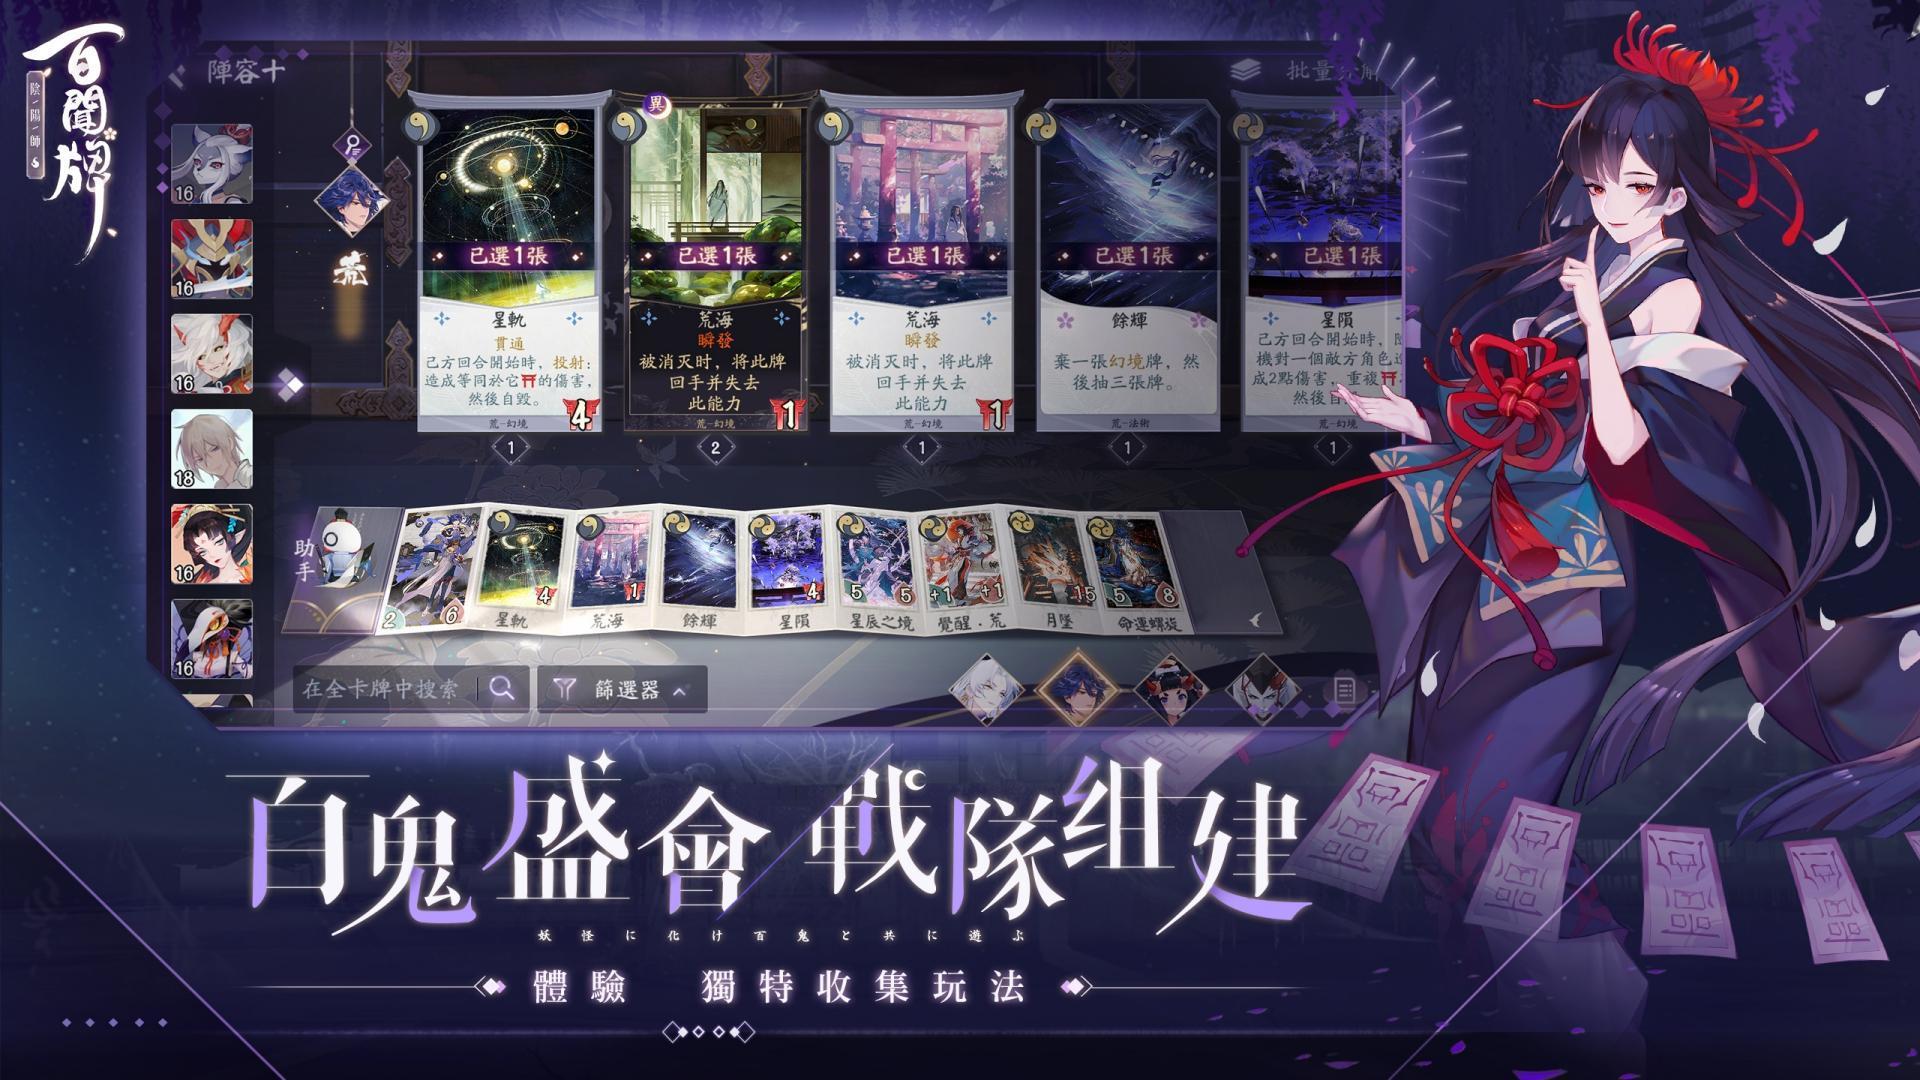 阴阳师:百闻牌(国际服) 游戏截图2